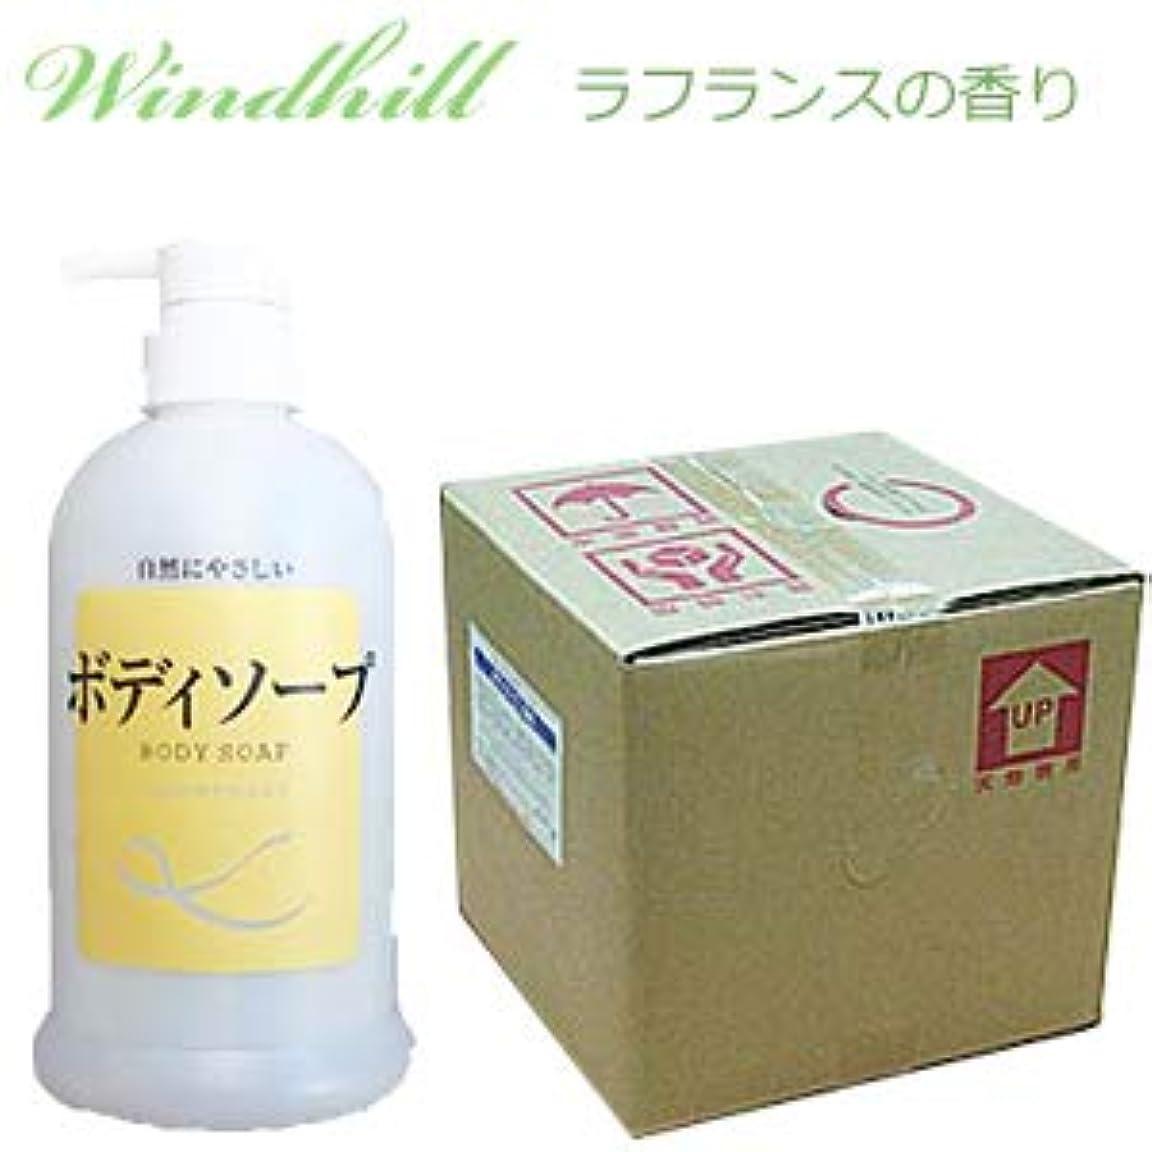 のスコア入るグリースなんと! 500ml当り173円 Windhill 植物性 業務用 ボディソープ  爽やかなラフランスの香り 20L